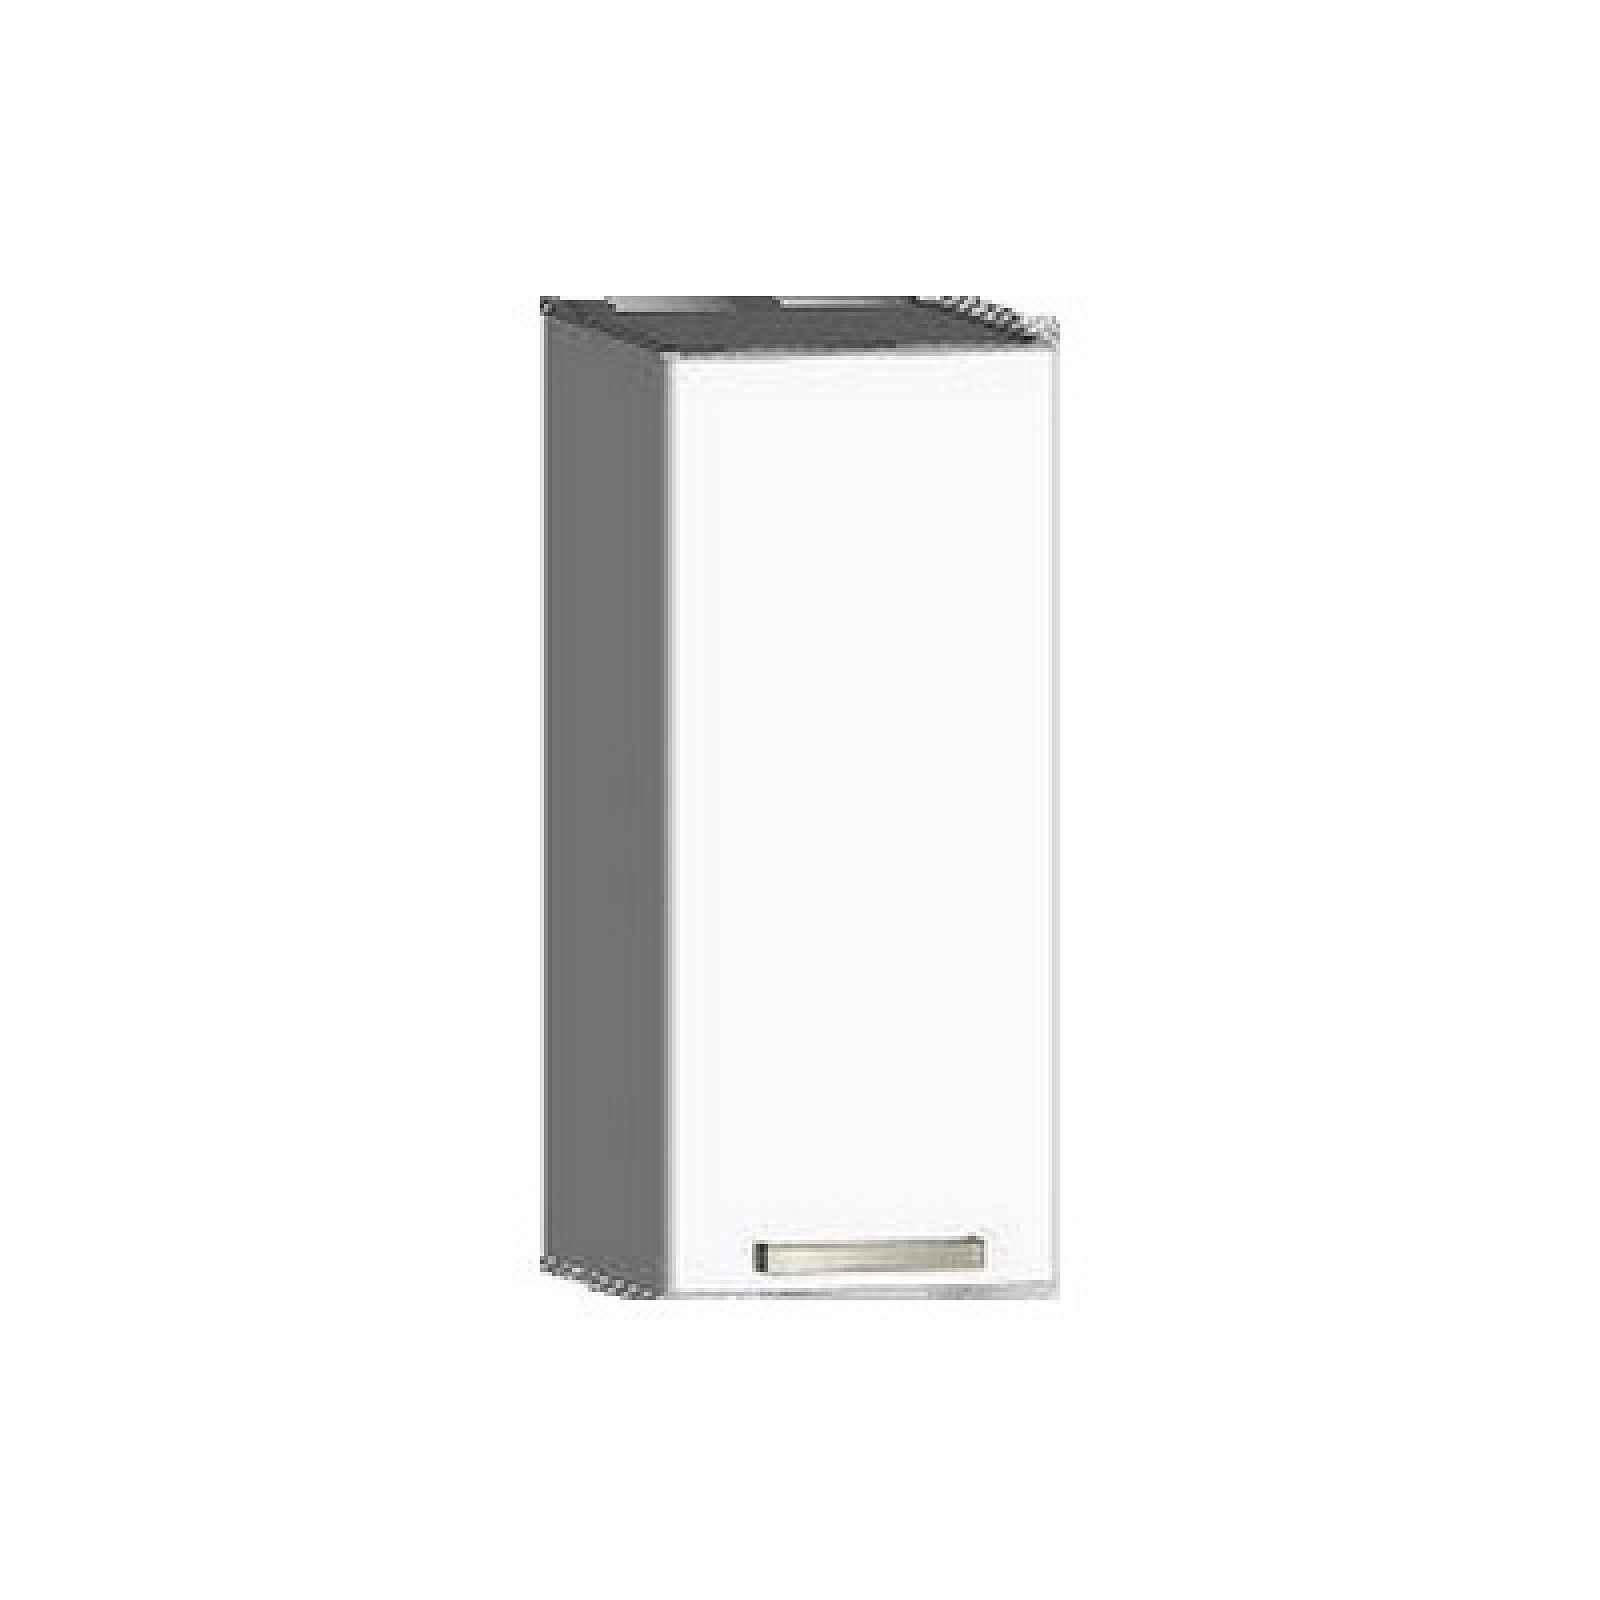 Horní kuchyňská skříňka One EH30, pravá, bílý lesk, šířka 30 cm